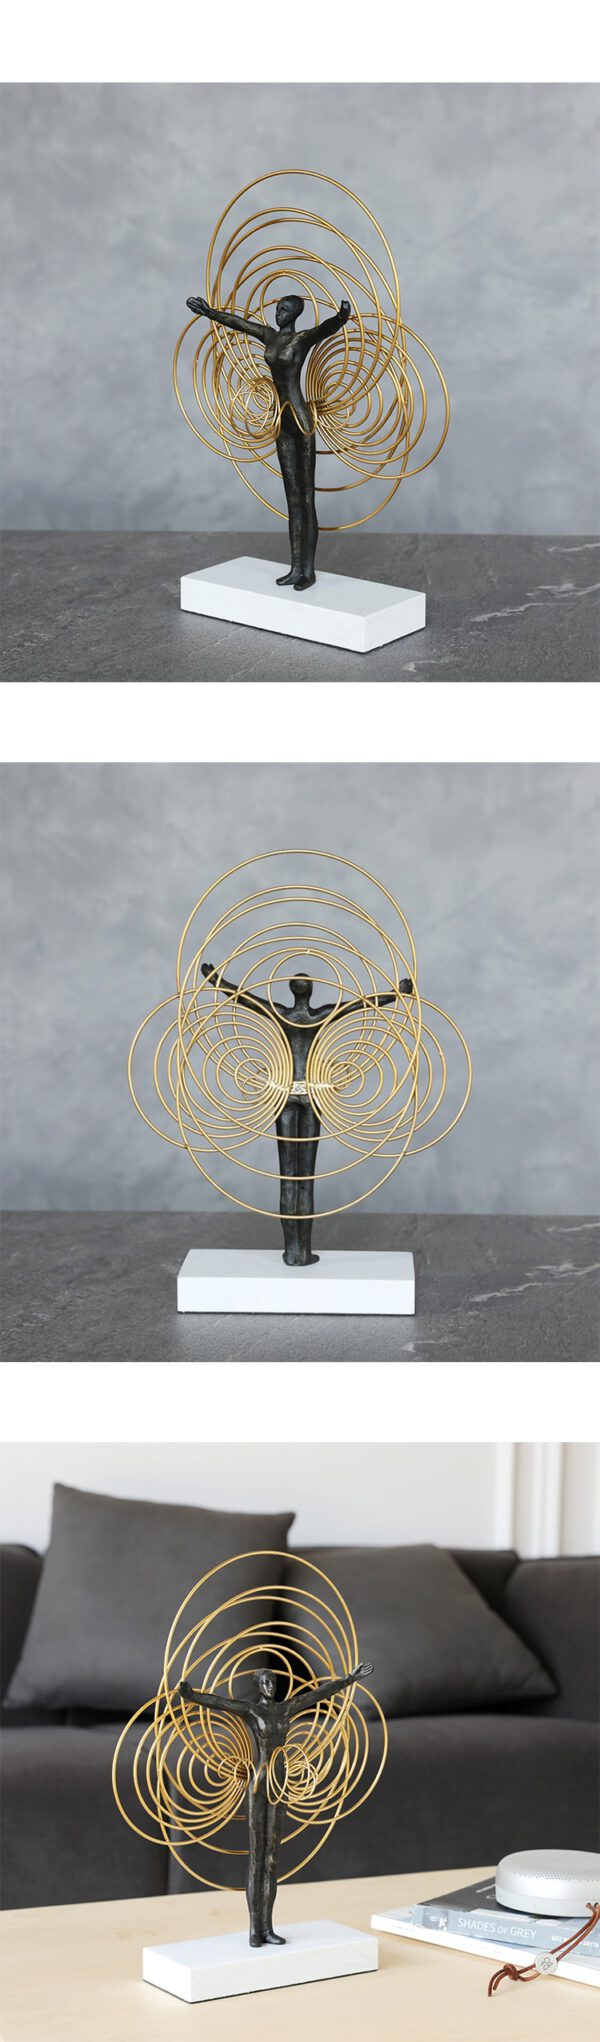 تمثال اكسسوار انسان سيركلز اكسسوارات منزلية